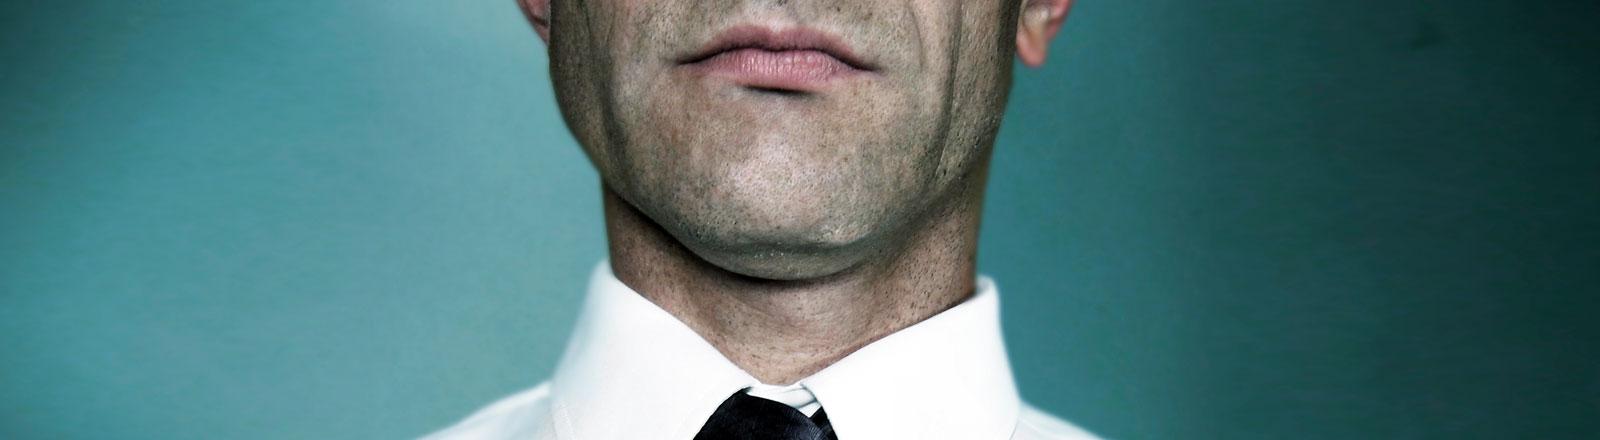 Ein Mann mit Hemd und Krawatte.